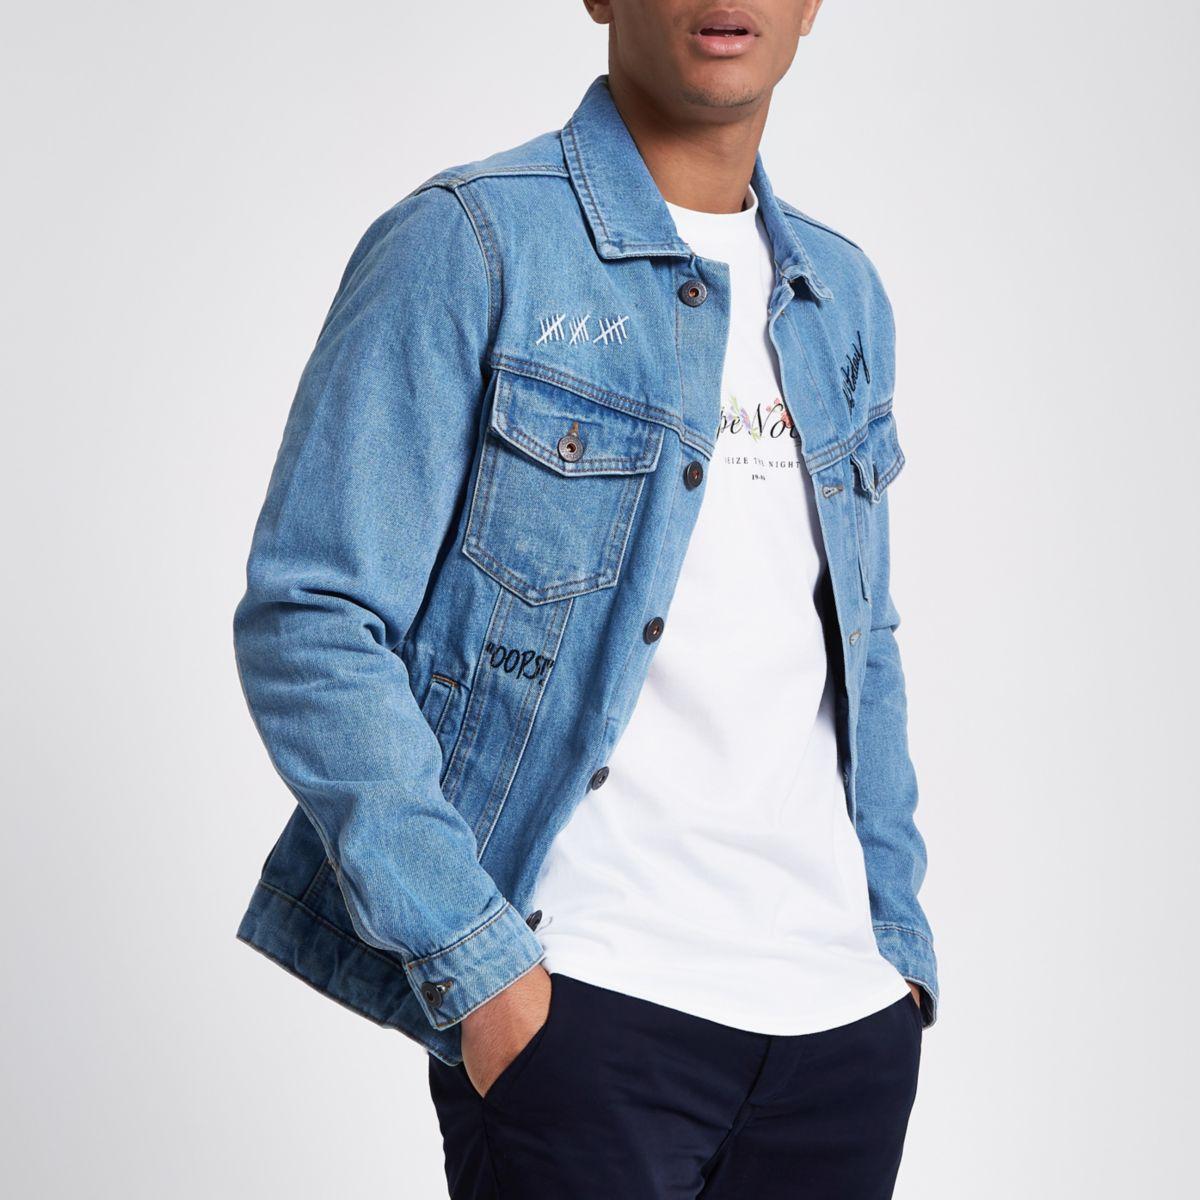 Jack & Jones blue 'Not today' denim jacket